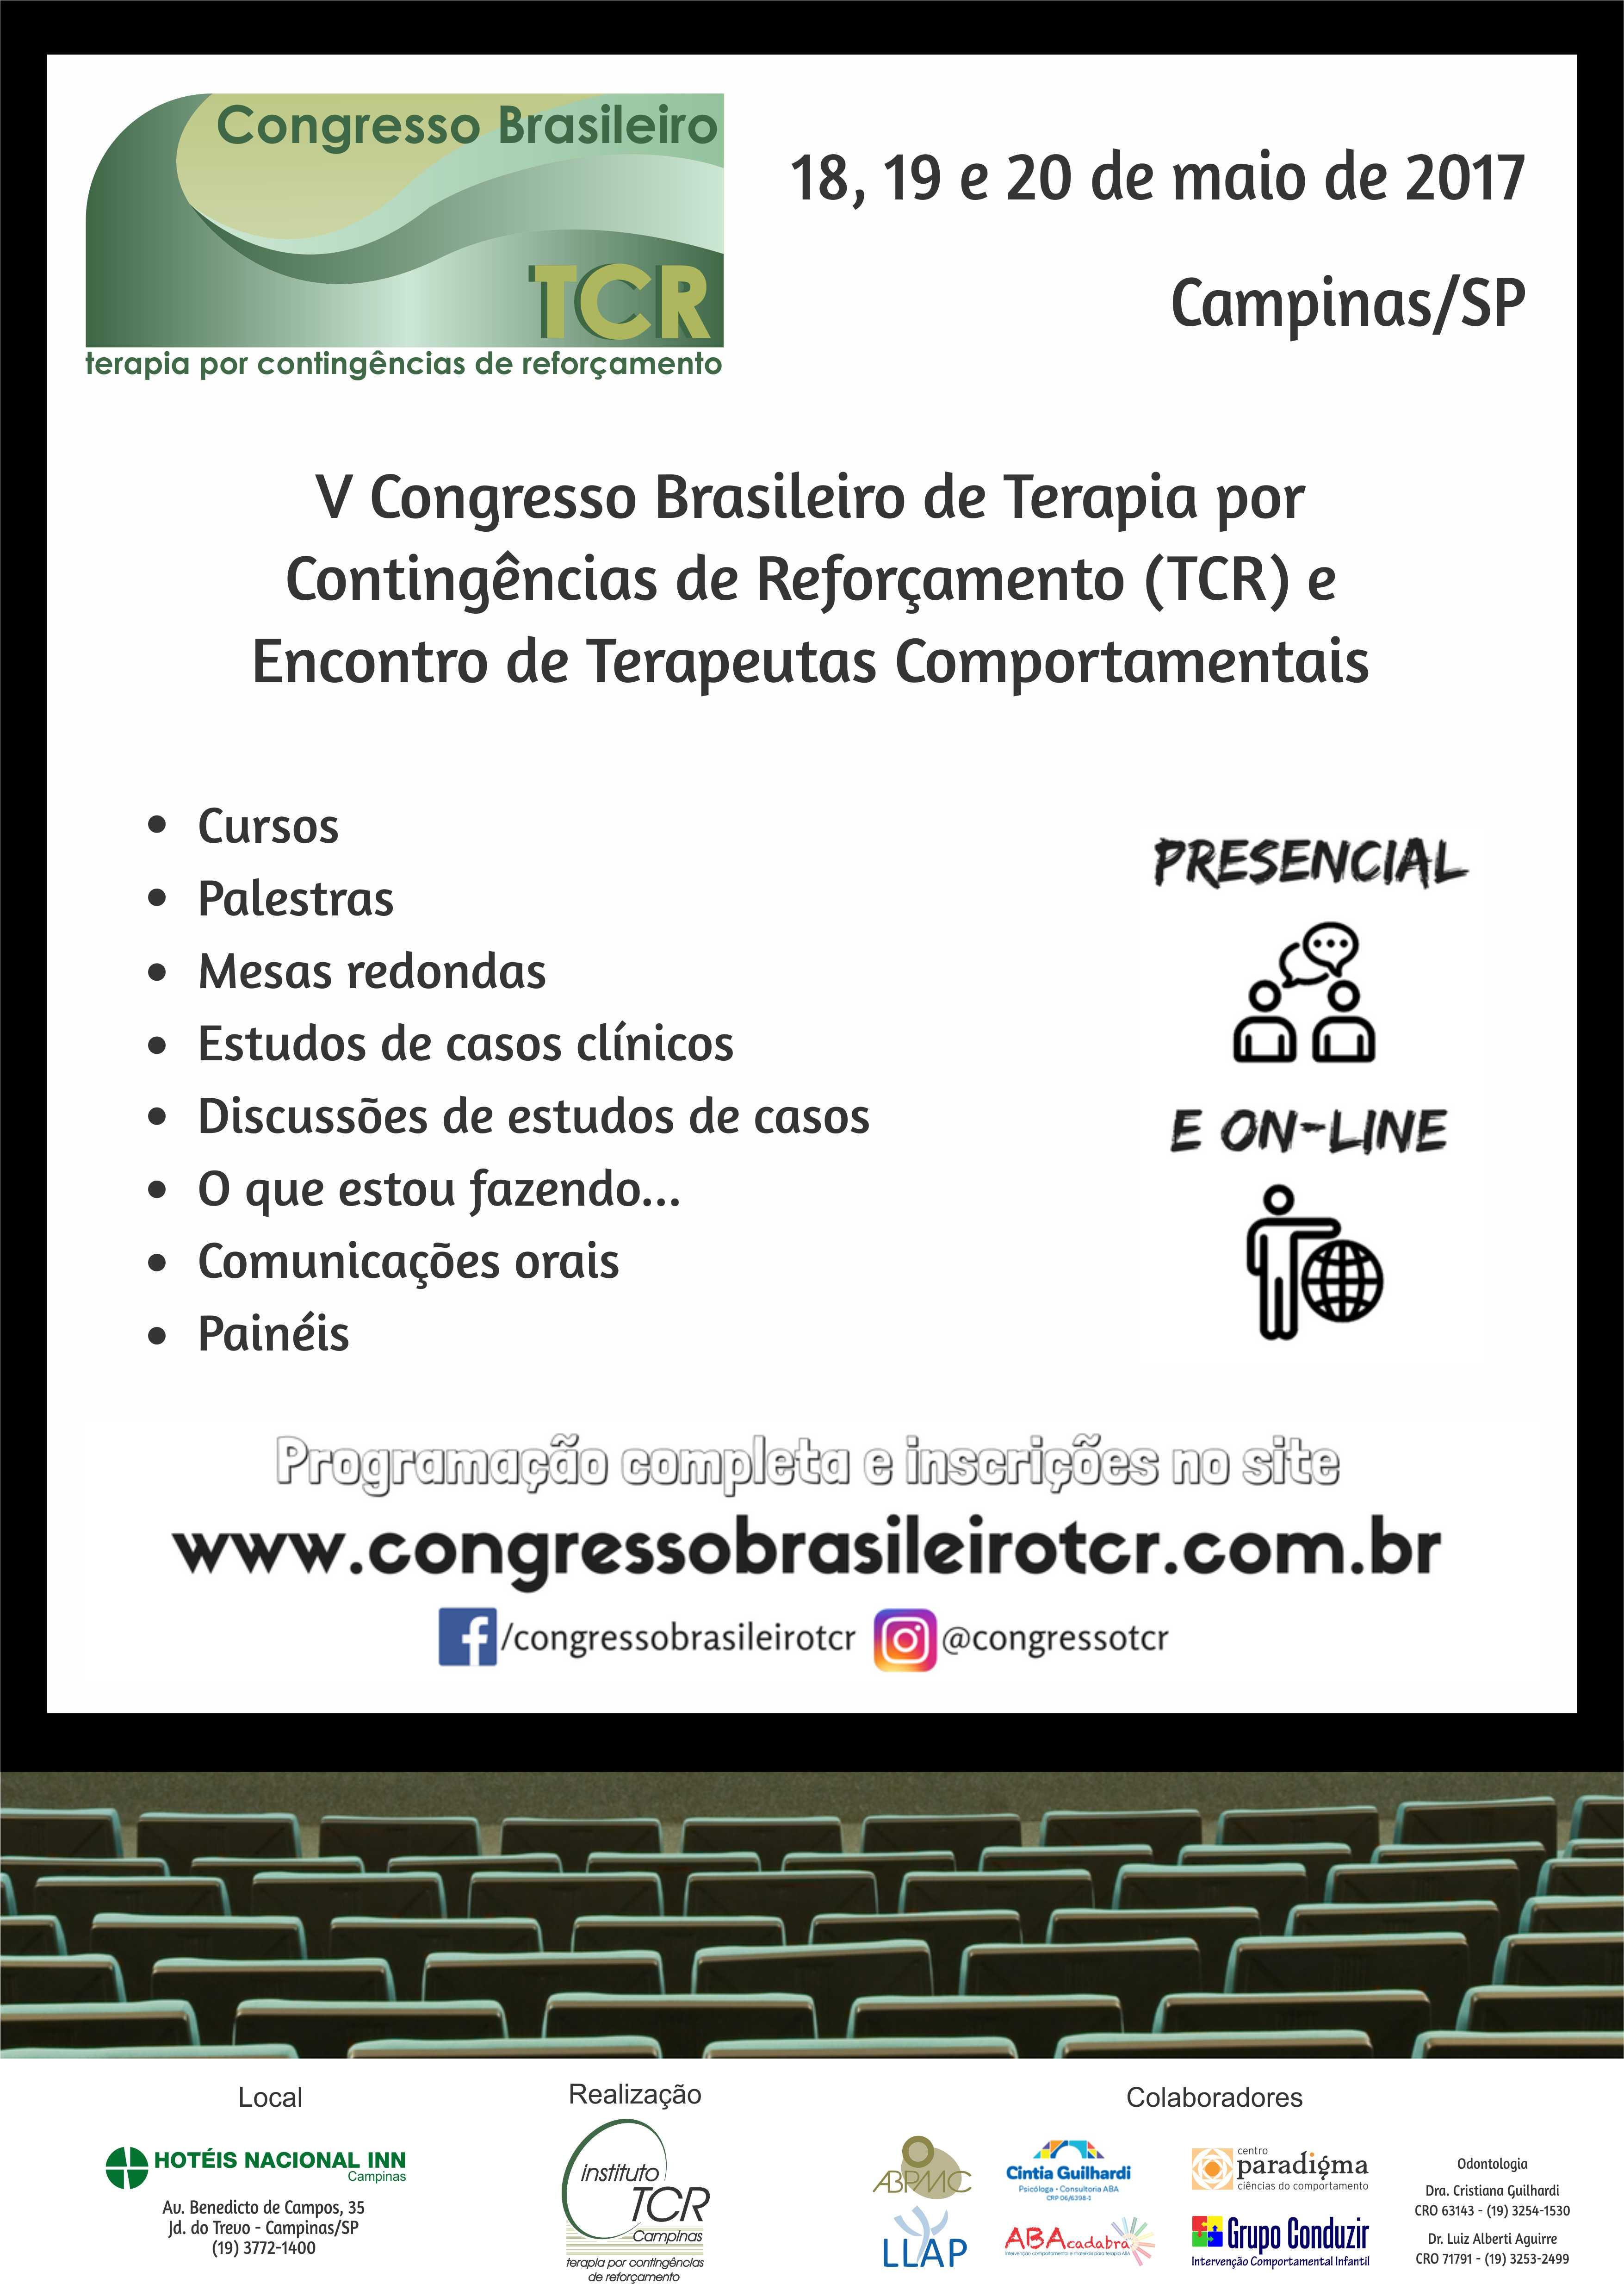 V Congresso Brasileiro de TCR